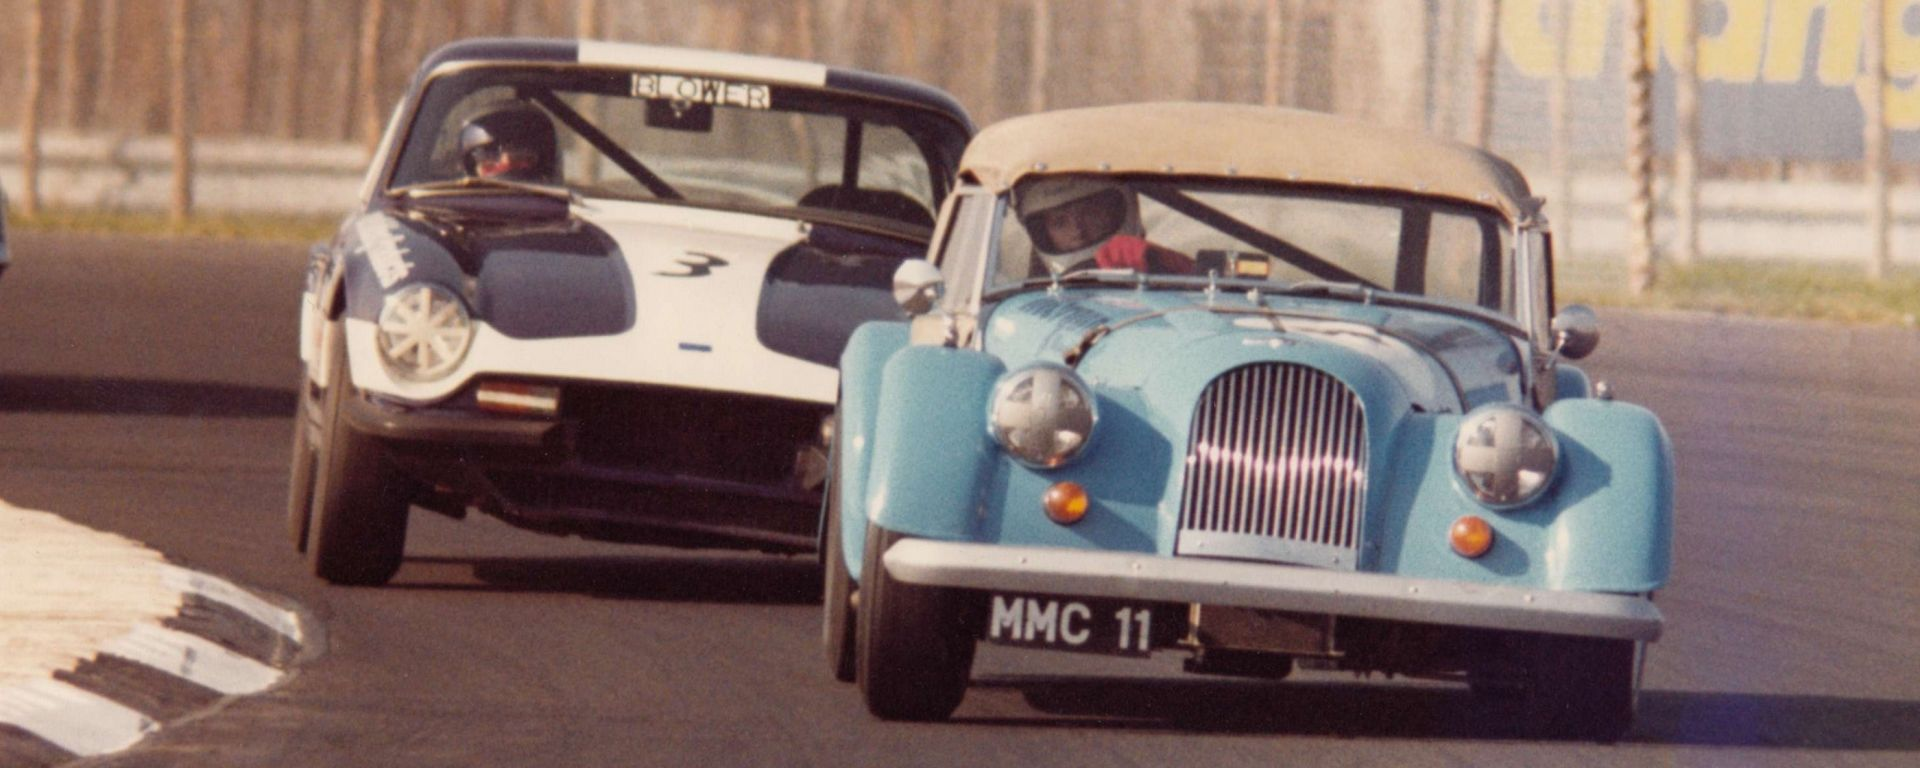 Morgan Plus 8 50th Anniversary: una special nata sulla pista